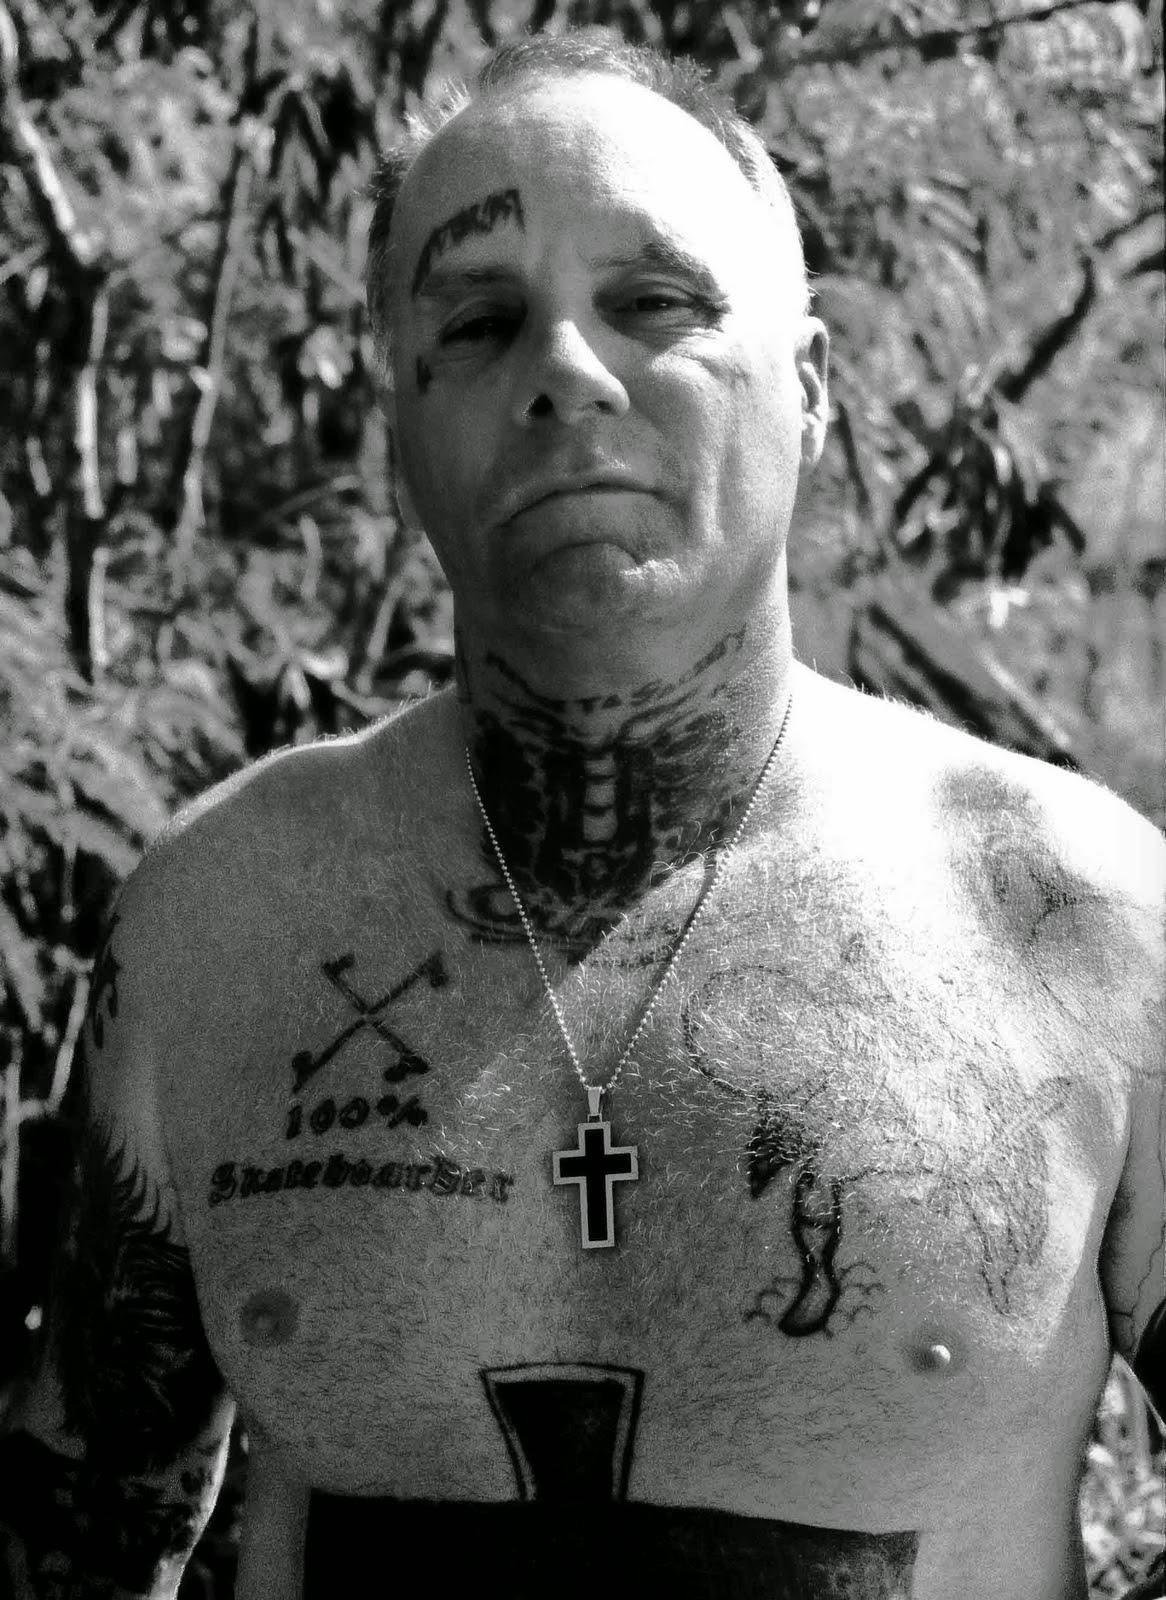 R.I.P. Jay Adams